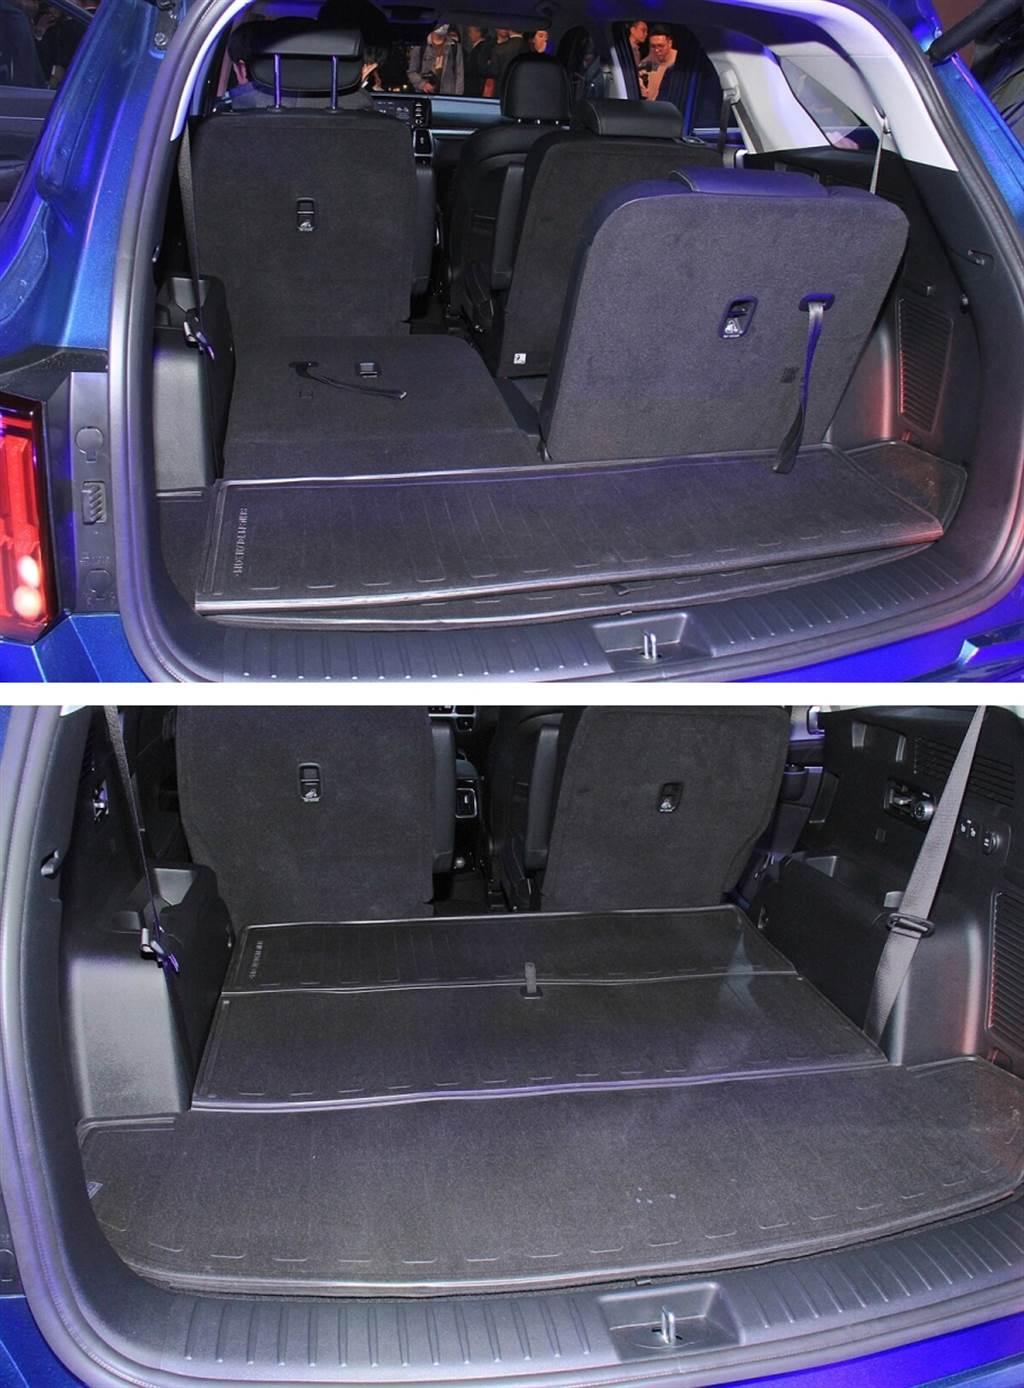 在空間的運用上,新Sorento第三排座椅後方擁有達187公升的置物空間(圖中摺疊防水墊為另購配件),若將第二/三排座椅全數傾倒收納,行李廂空間最大更可擴充至2,056公升,彈性的配置讓車主可輕鬆應付多元的空間需求。